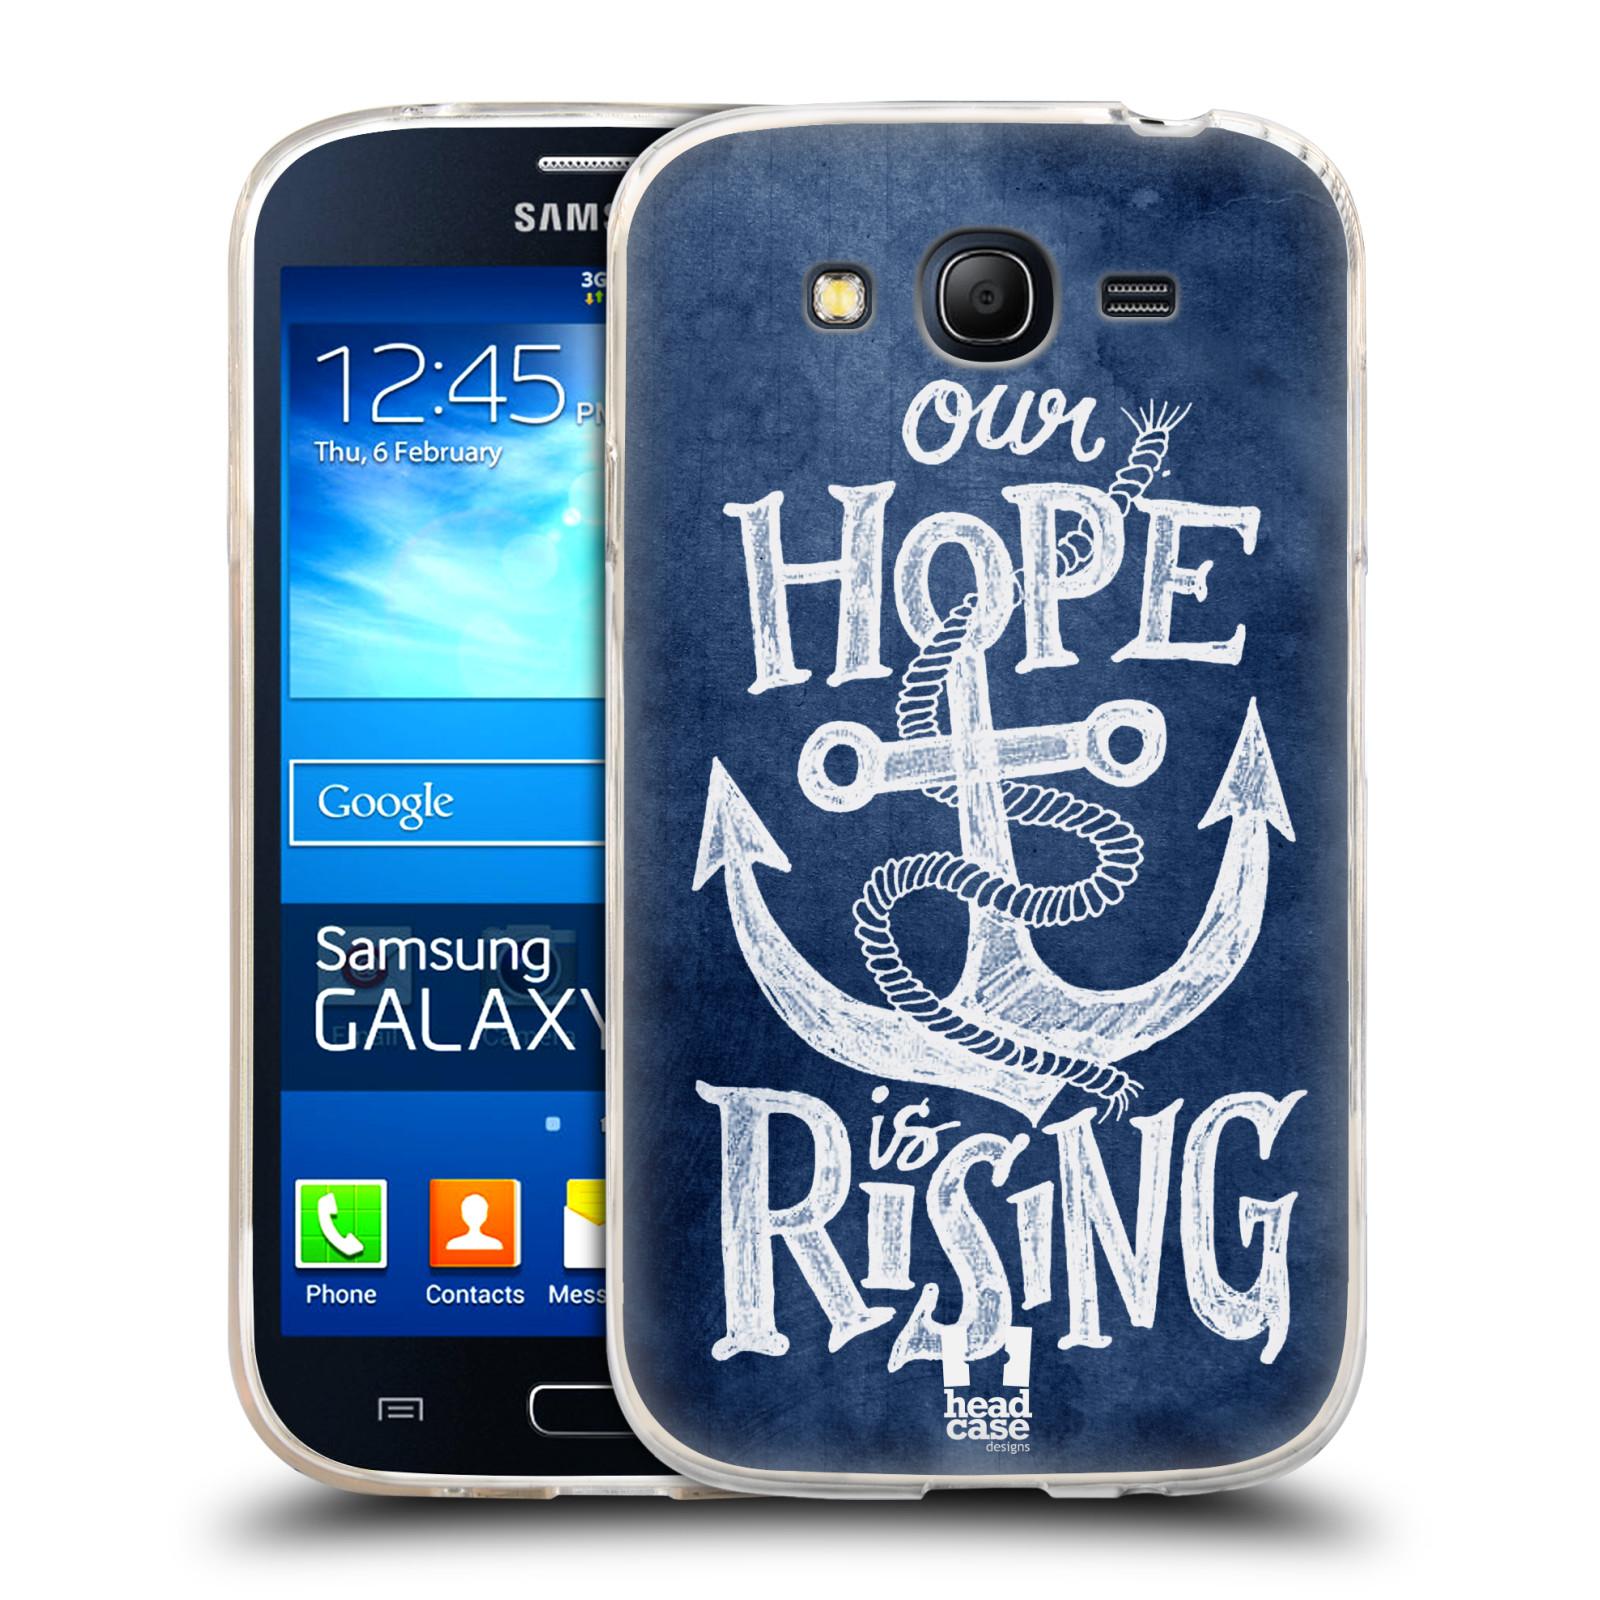 Silikonové pouzdro na mobil Samsung Galaxy Grand Neo HEAD CASE KOTVA RISING